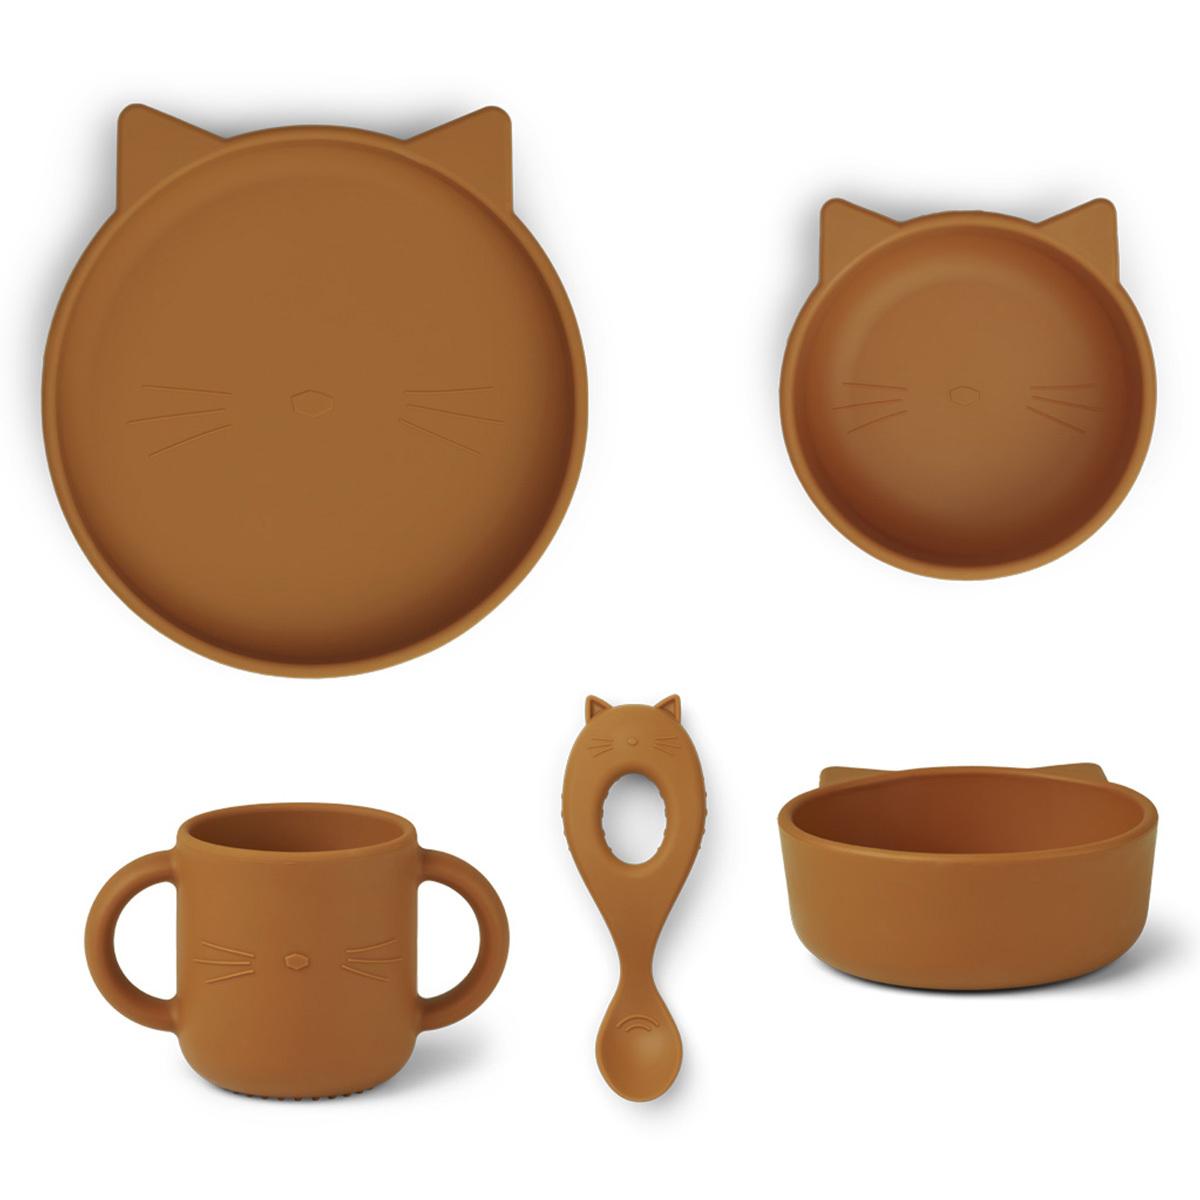 Coffret repas Set Repas 4 Pièces Vivi - Cat Mustard Set Repas 4 Pièces Vivi - Cat Mustard